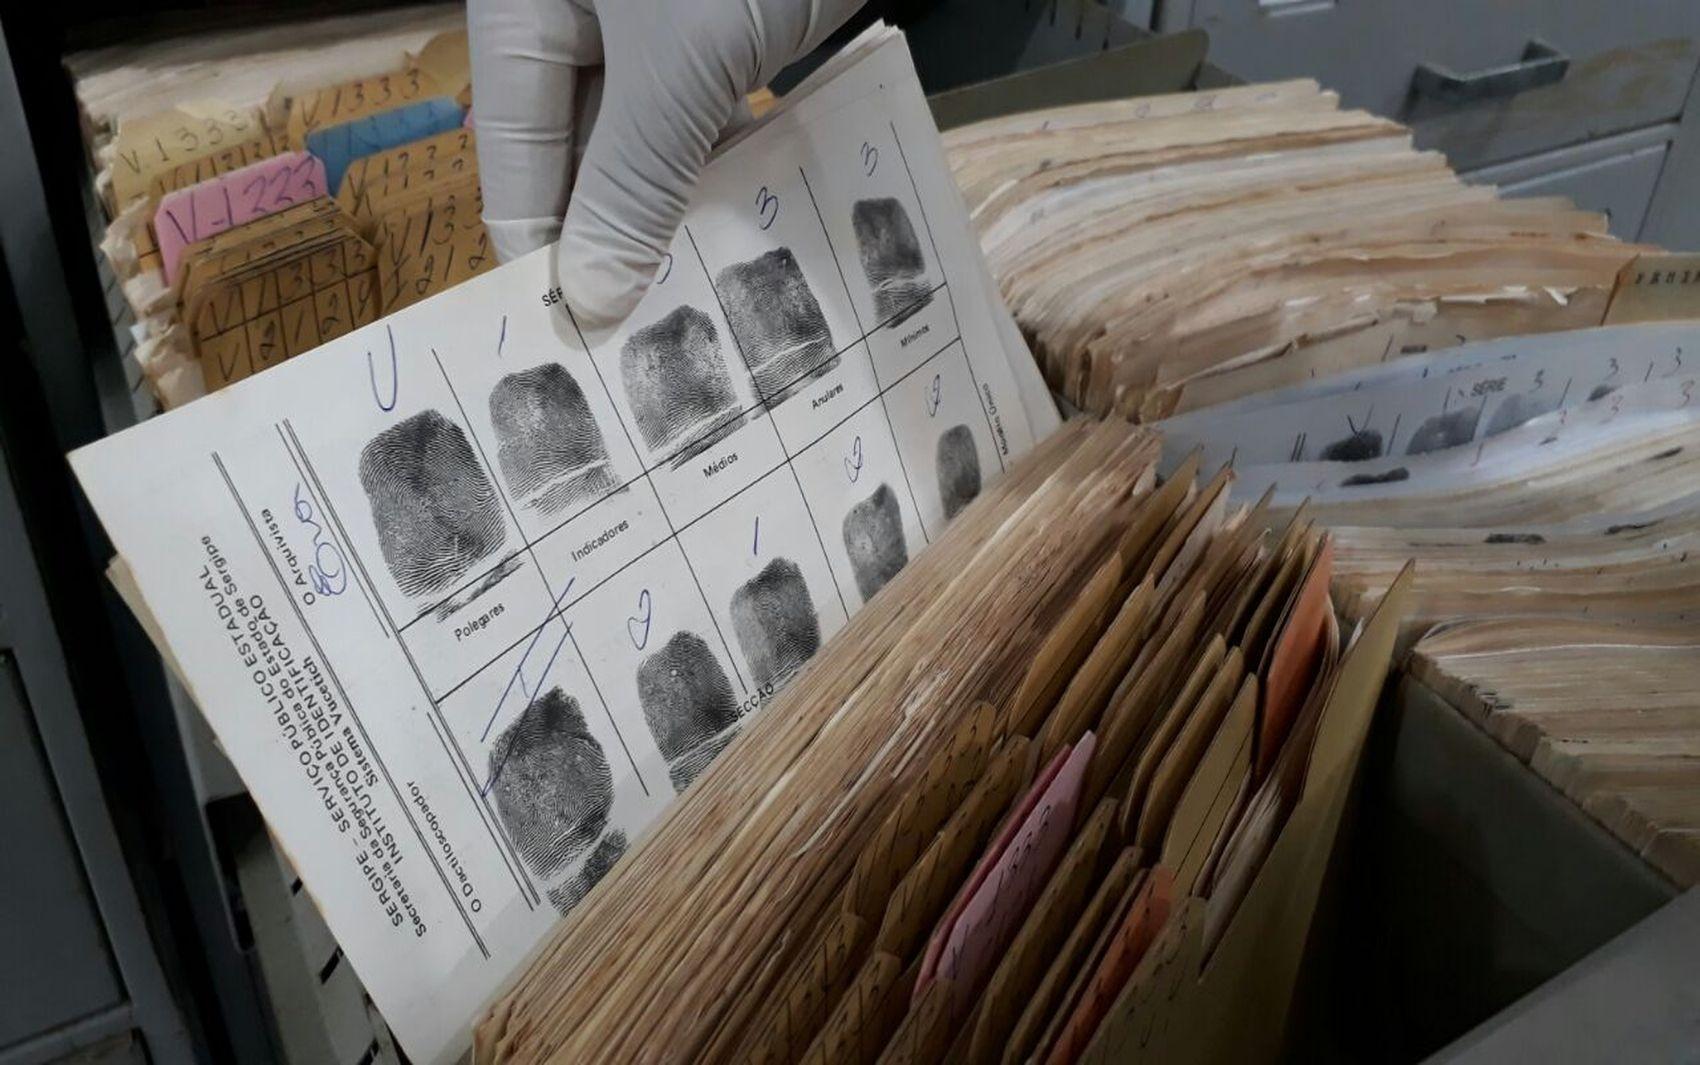 Instituto de identificação de Sergipe disponibiliza canal para informações e solicitações de urgência